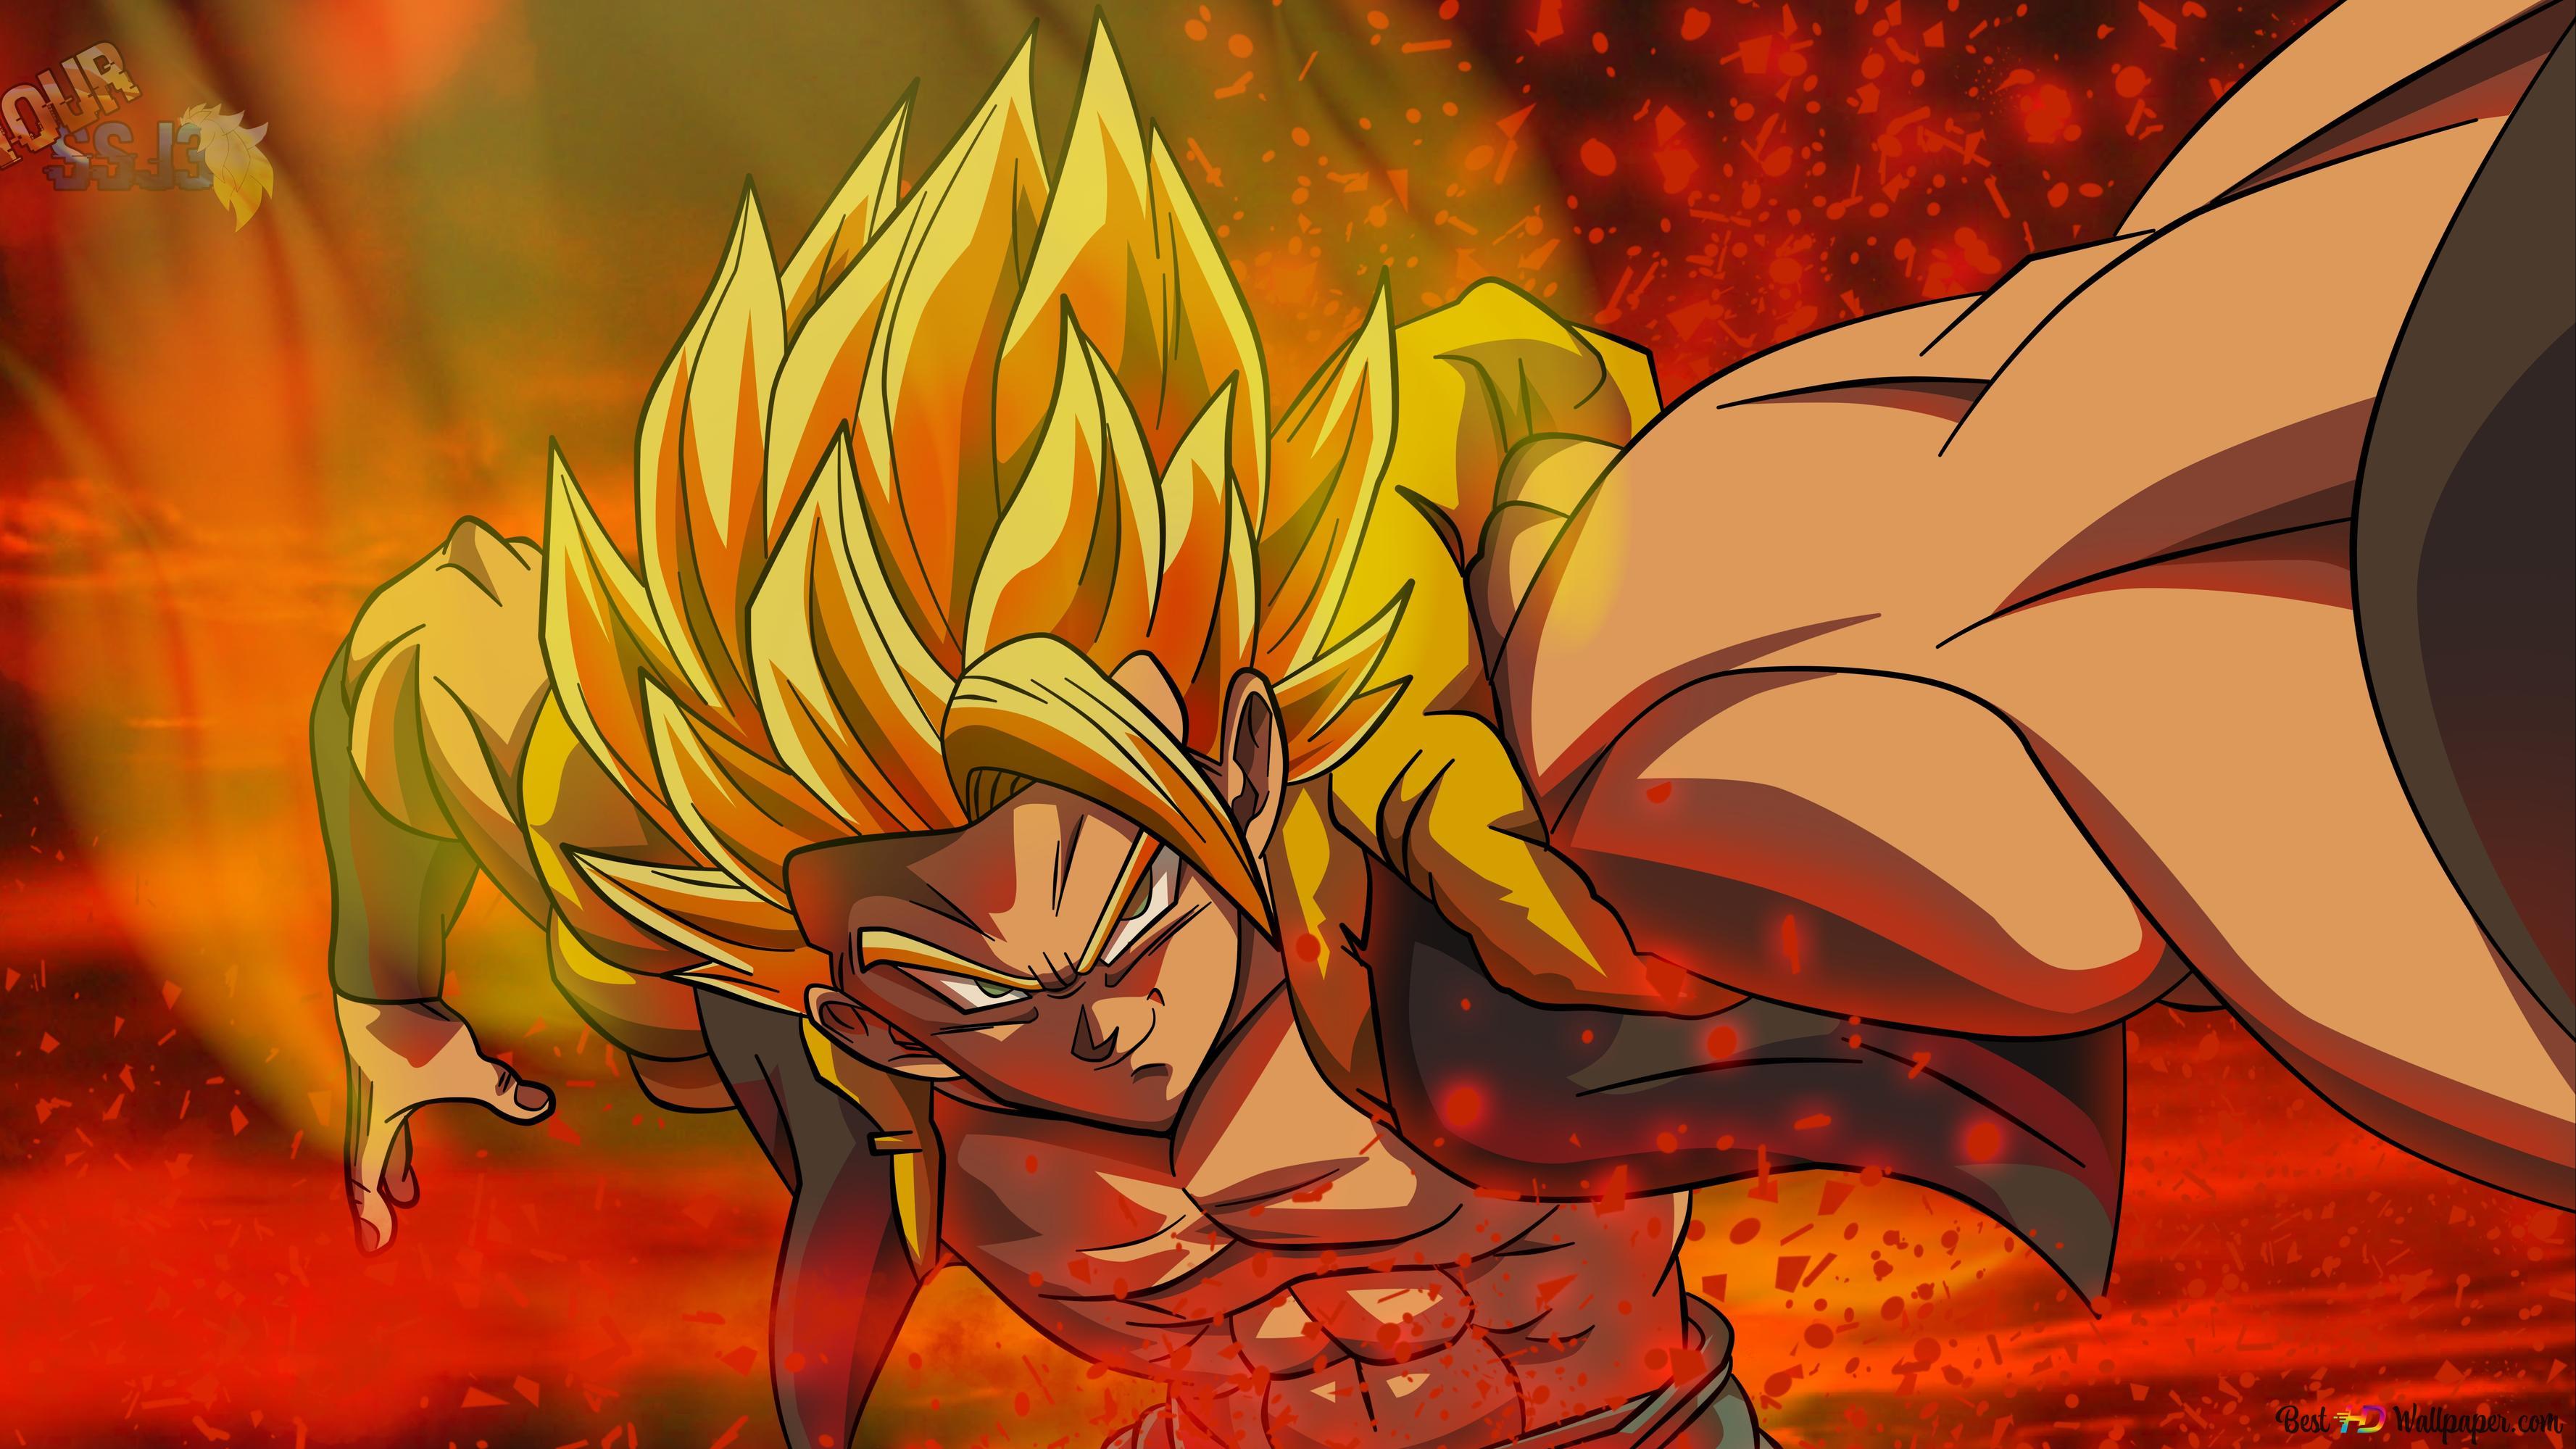 Descargar Fondo De Pantalla Dragon Ball Super Gogeta Ssj Hd